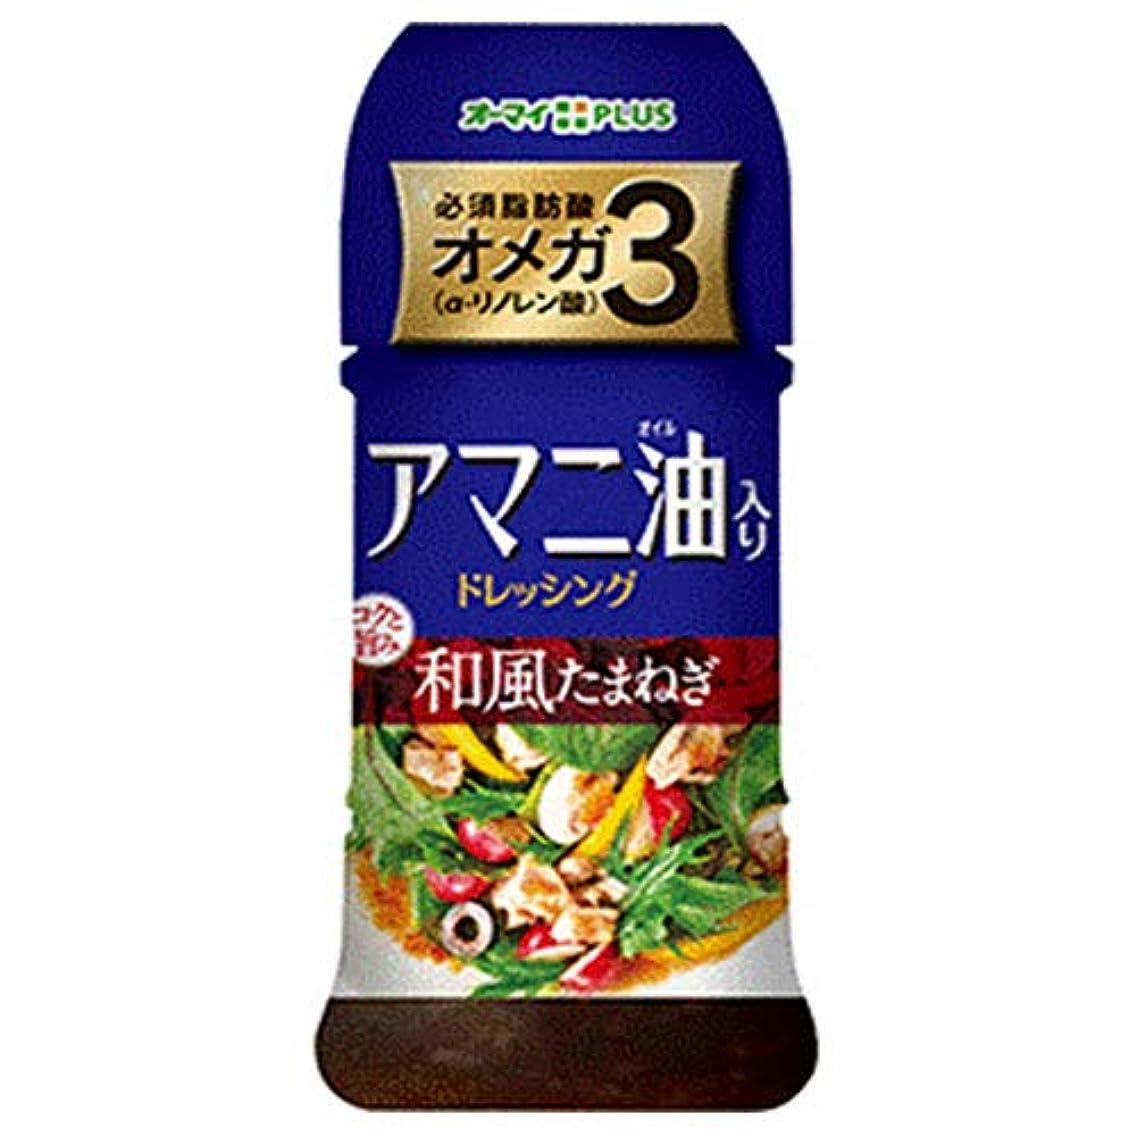 バケット検索エンジン最適化羊の日本製粉 オーマイプラス アマニ油入りドレッシング 和風たまねぎ 150ml×12本入×(2ケース)